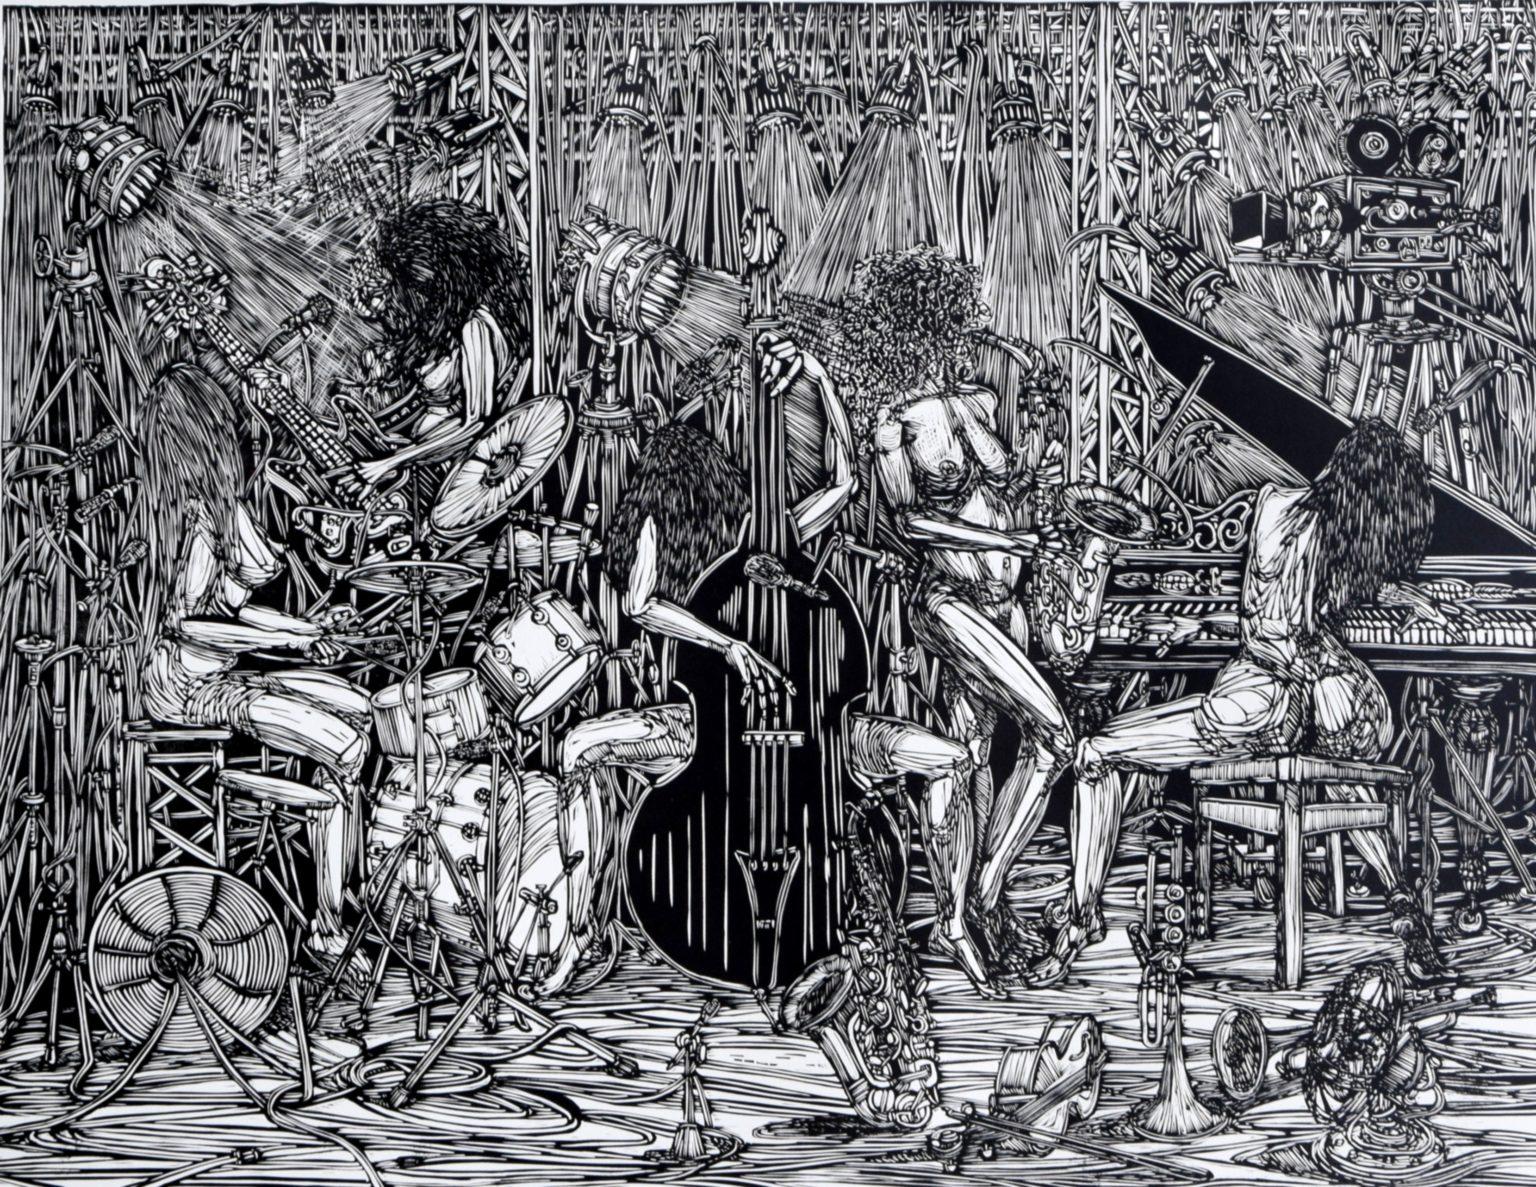 Linoryt Jazz Gracje o wymiarach 100x70 cm